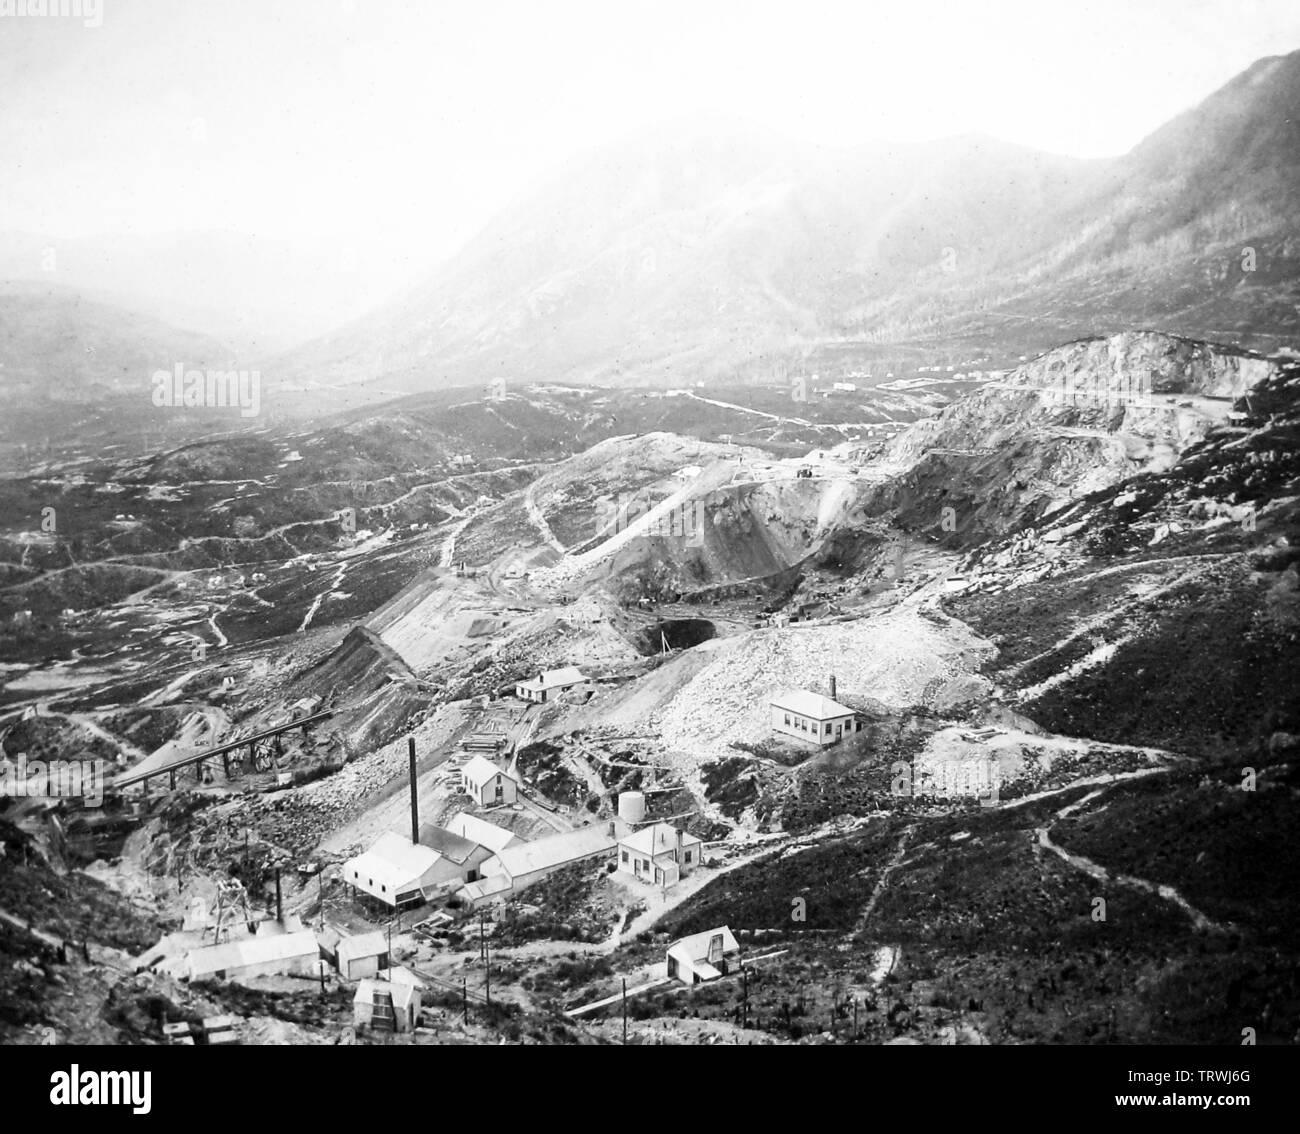 1942 View of Mill at Copper Mine Historic Photo Print Arizona Morenci